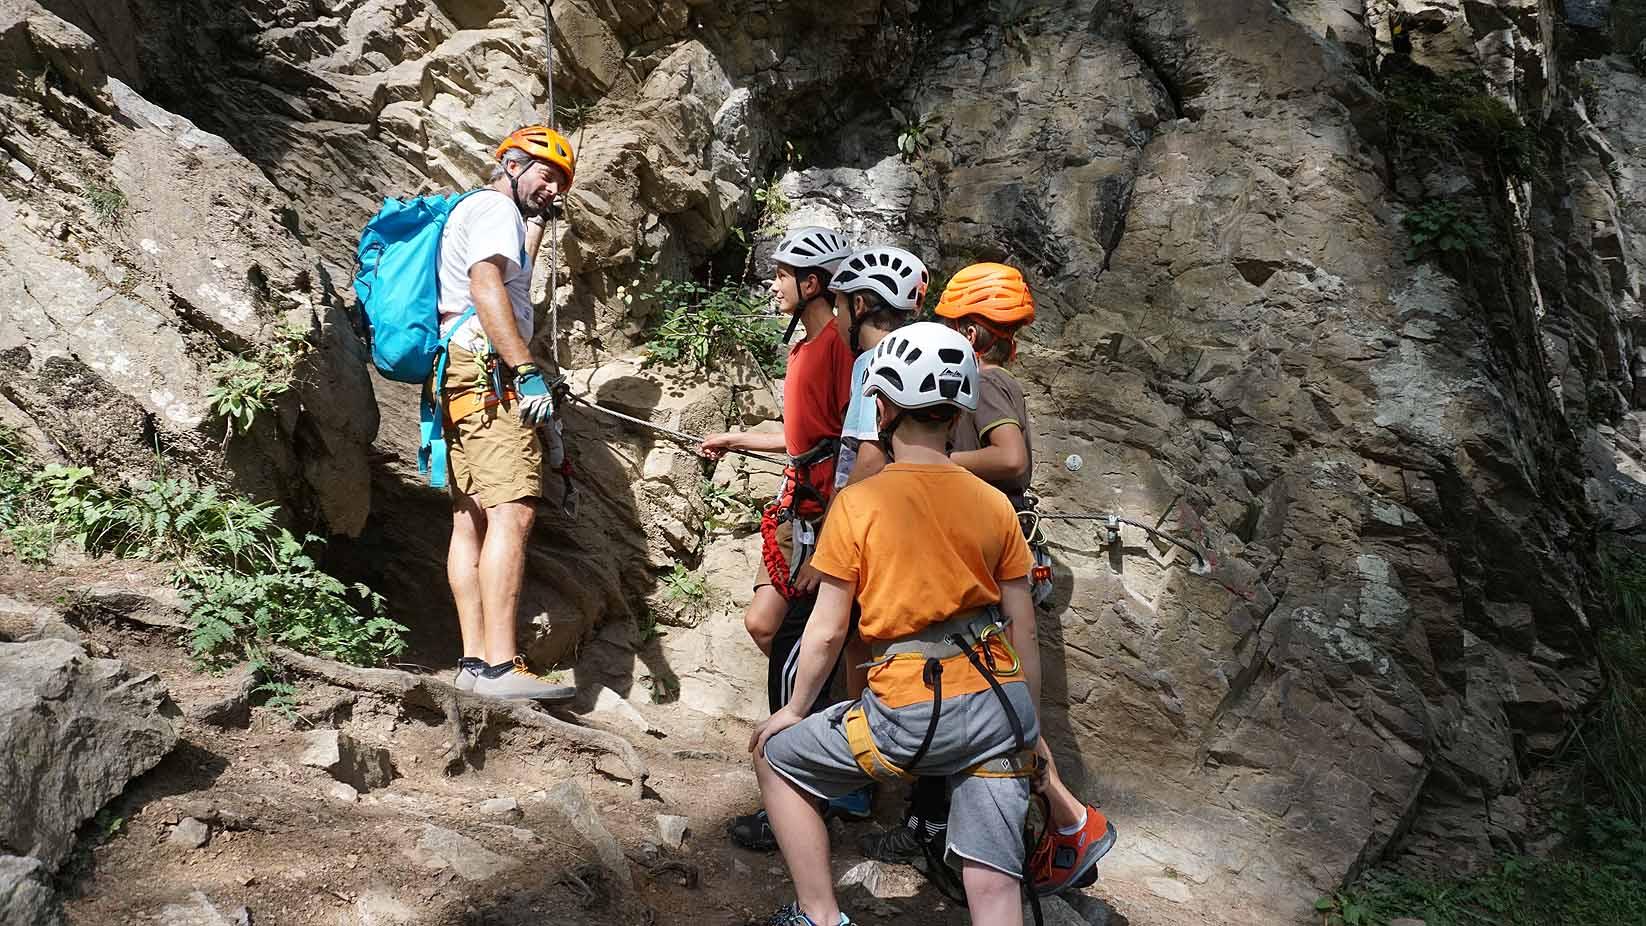 Klettersteigset Notwendig : Klettersteig mit kinder und jugendlichen eine besondere herausforderung!